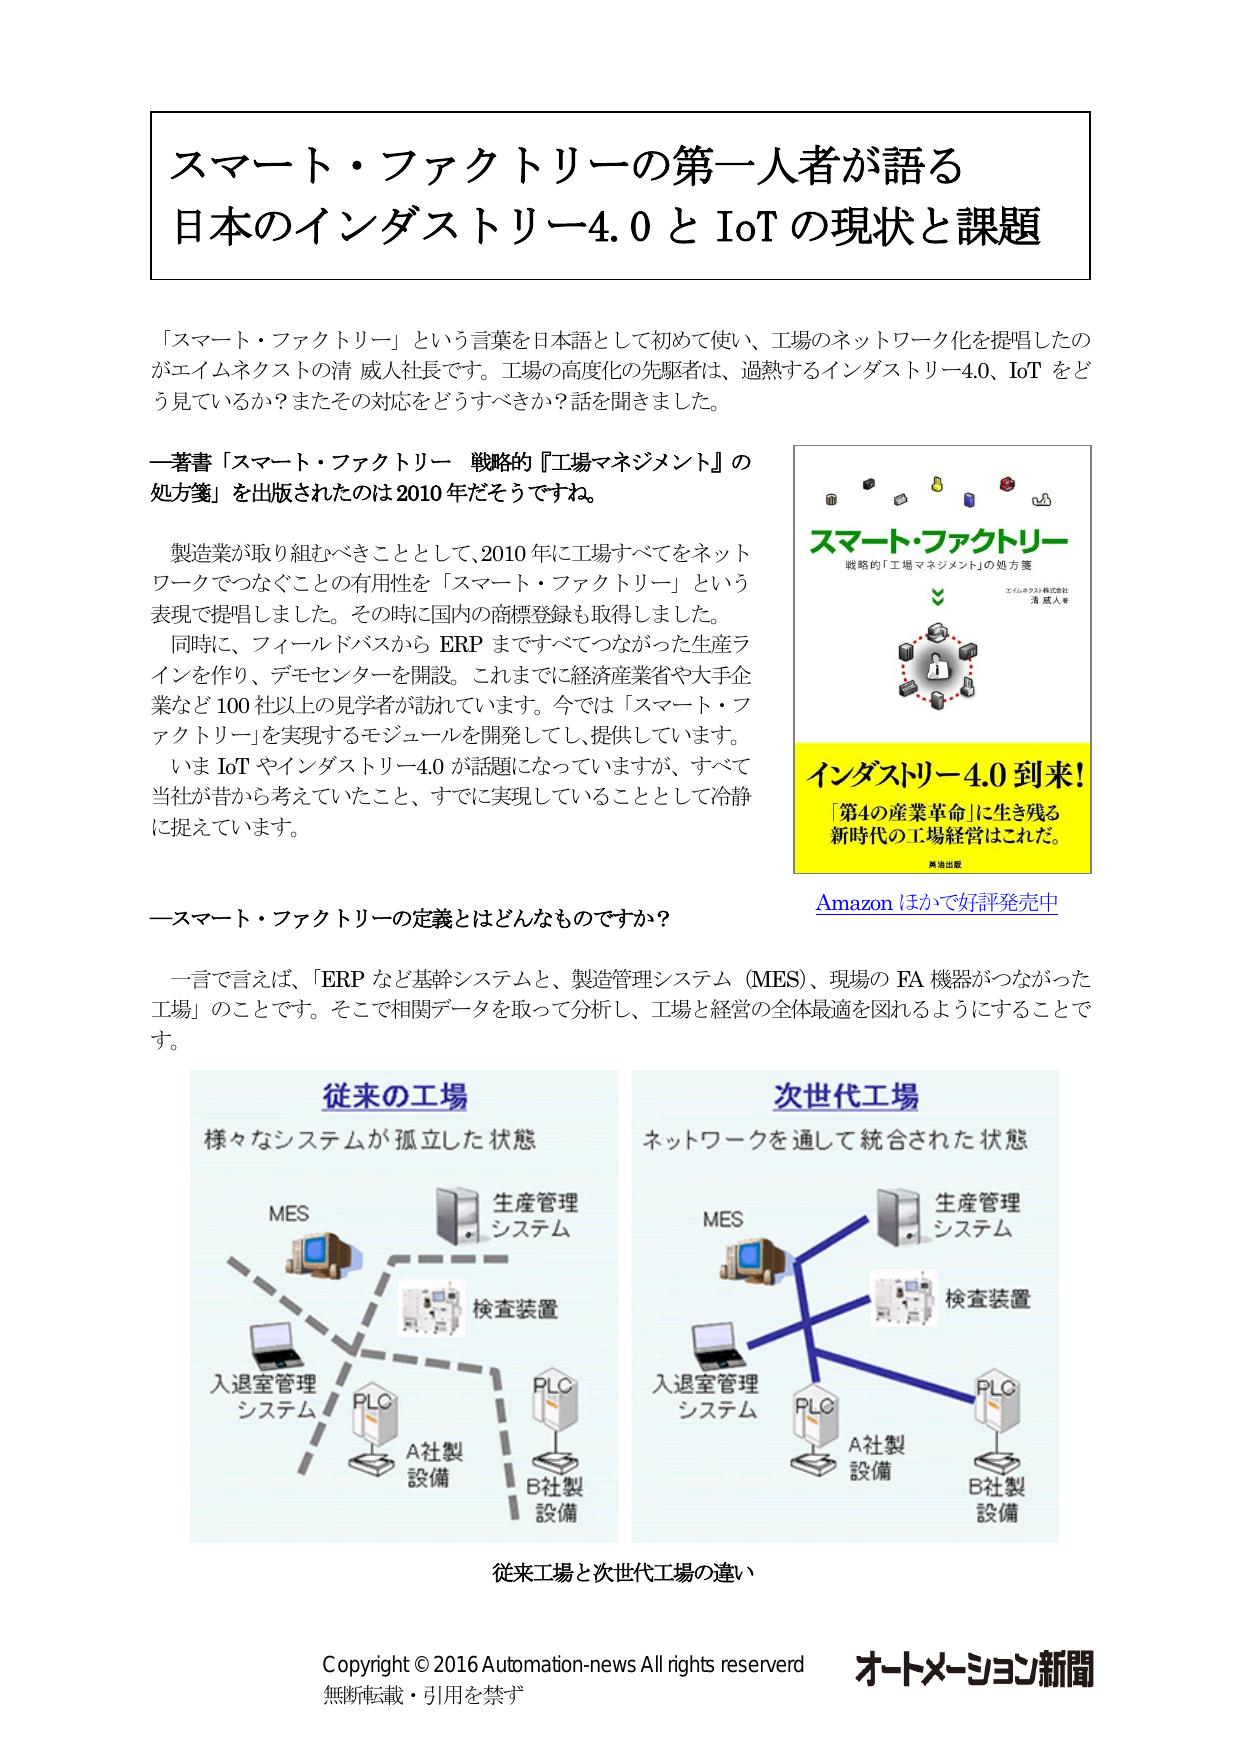 スマートファクトリーの第一人者が見る日本のインダストリー⒋0とIoT